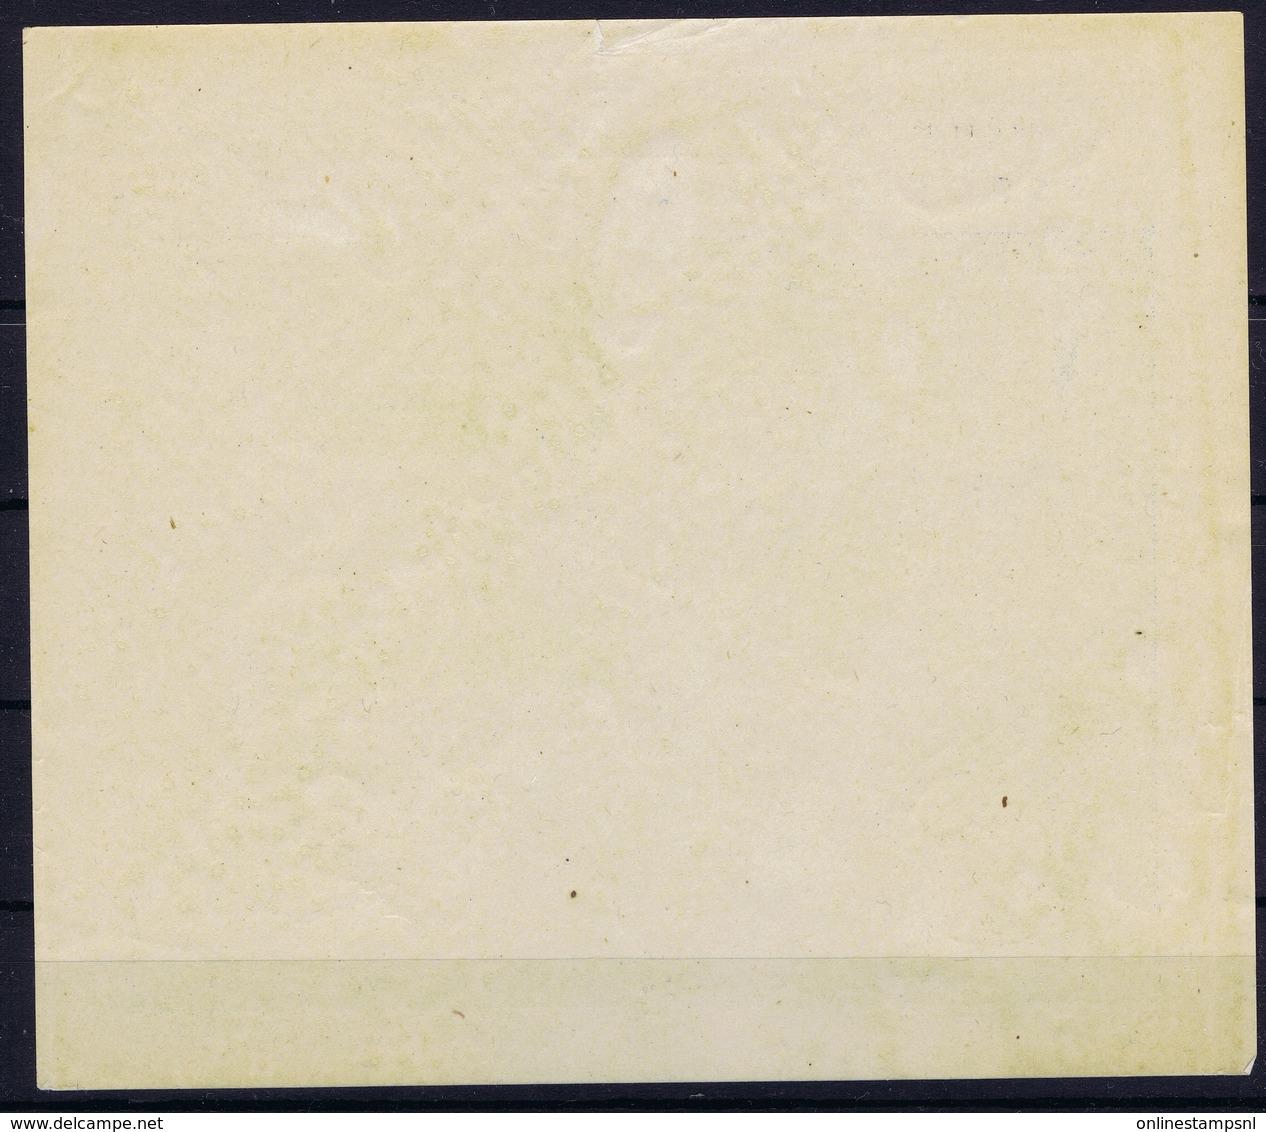 ITALY  ESPOSIZIONE DI POSTA AEREA   IV GIORNATA FILATELICA  VOLO ROMA - MOGADISCIO 1934   RIMINI S. MARINO 1947 - 1900-44 Victor Emmanuel III